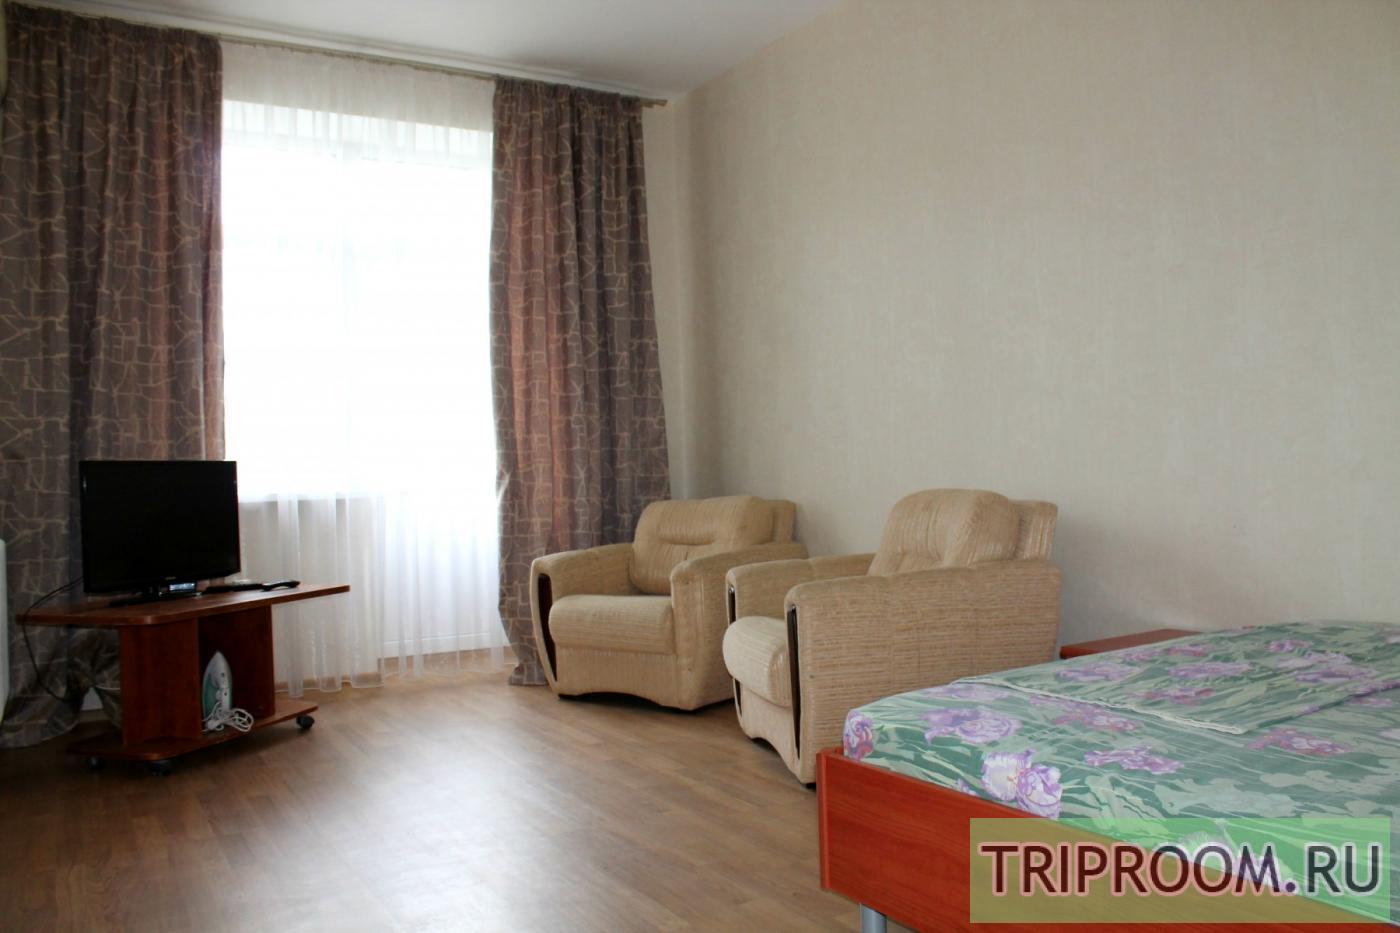 3-комнатная квартира посуточно (вариант № 20393), ул. Ленина проспект, фото № 5